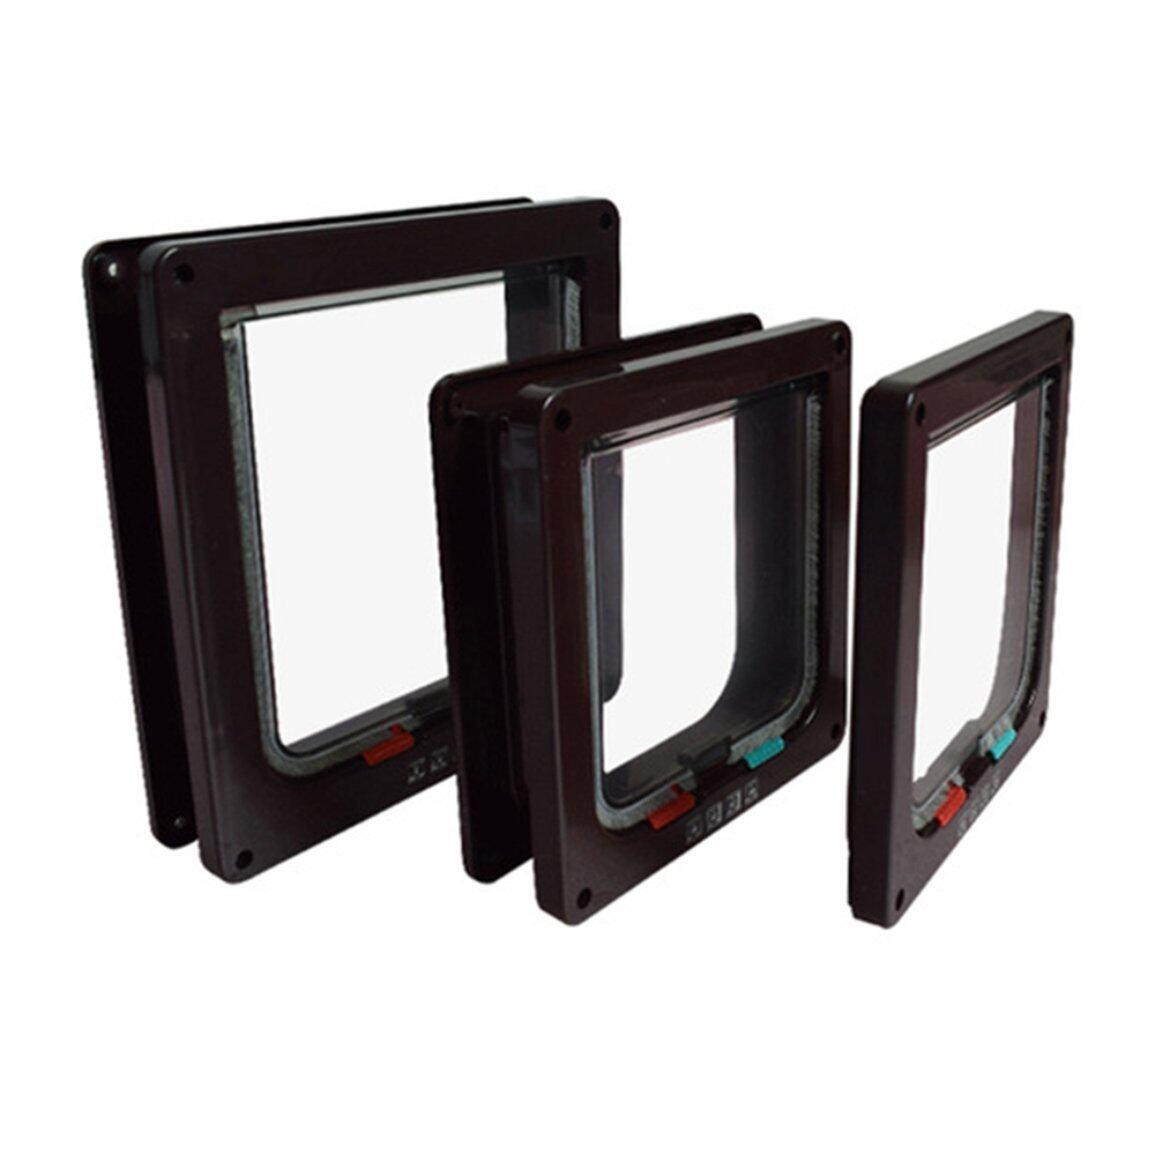 Jual Penjualan Terbaik Dikunci Tempat Tidur Hewan Pintu Keamanan Flap Pintu ABS Pintu Plastik Persediaan Hewan Peliharaan Terbaru